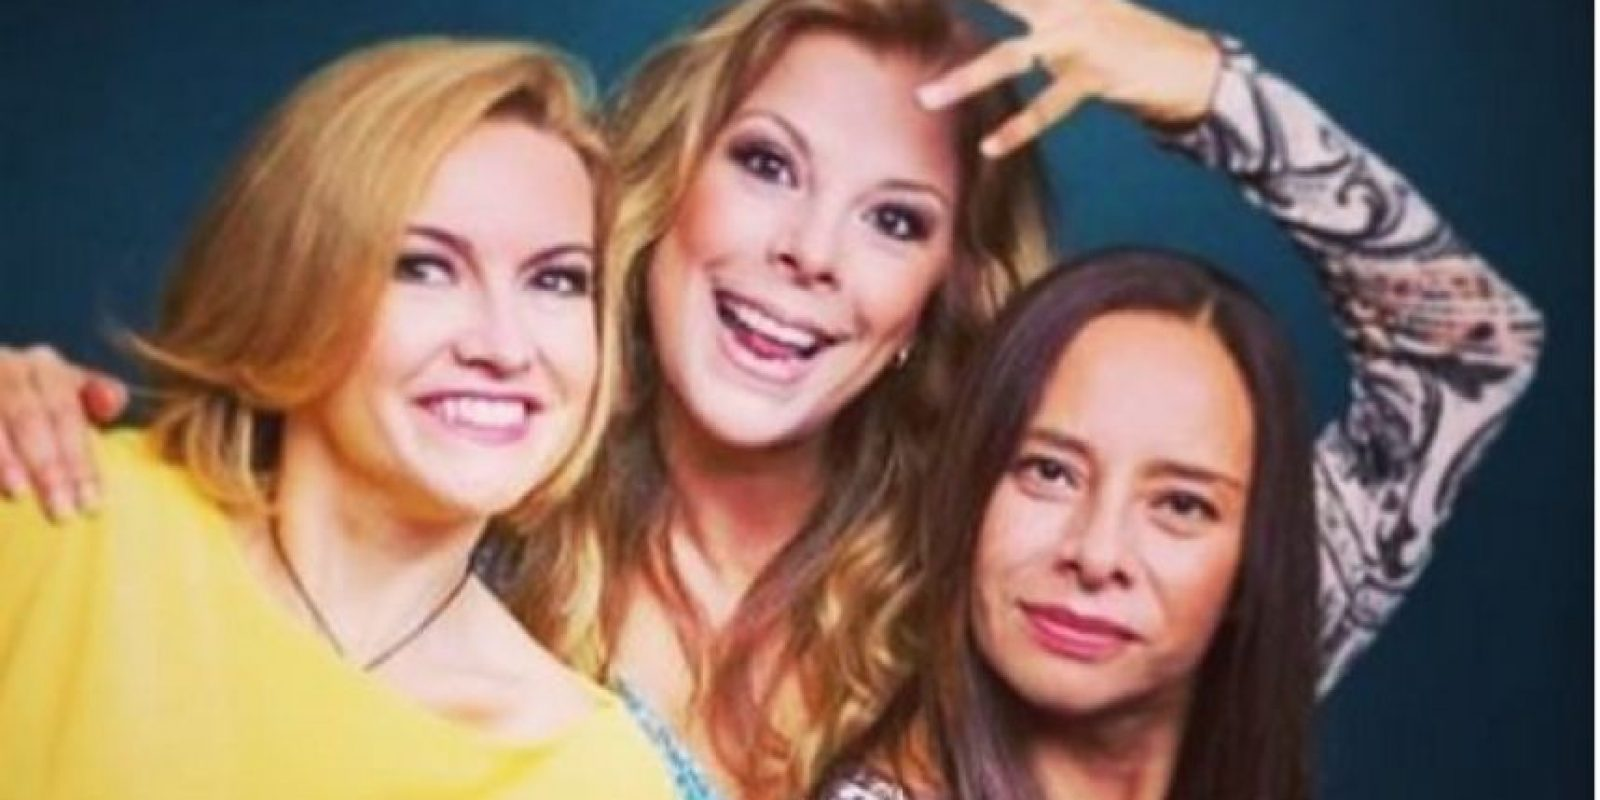 El trío agotó las fechas para su concierto en el Auditorio Nacional y van por el segundo Foto:Instagram